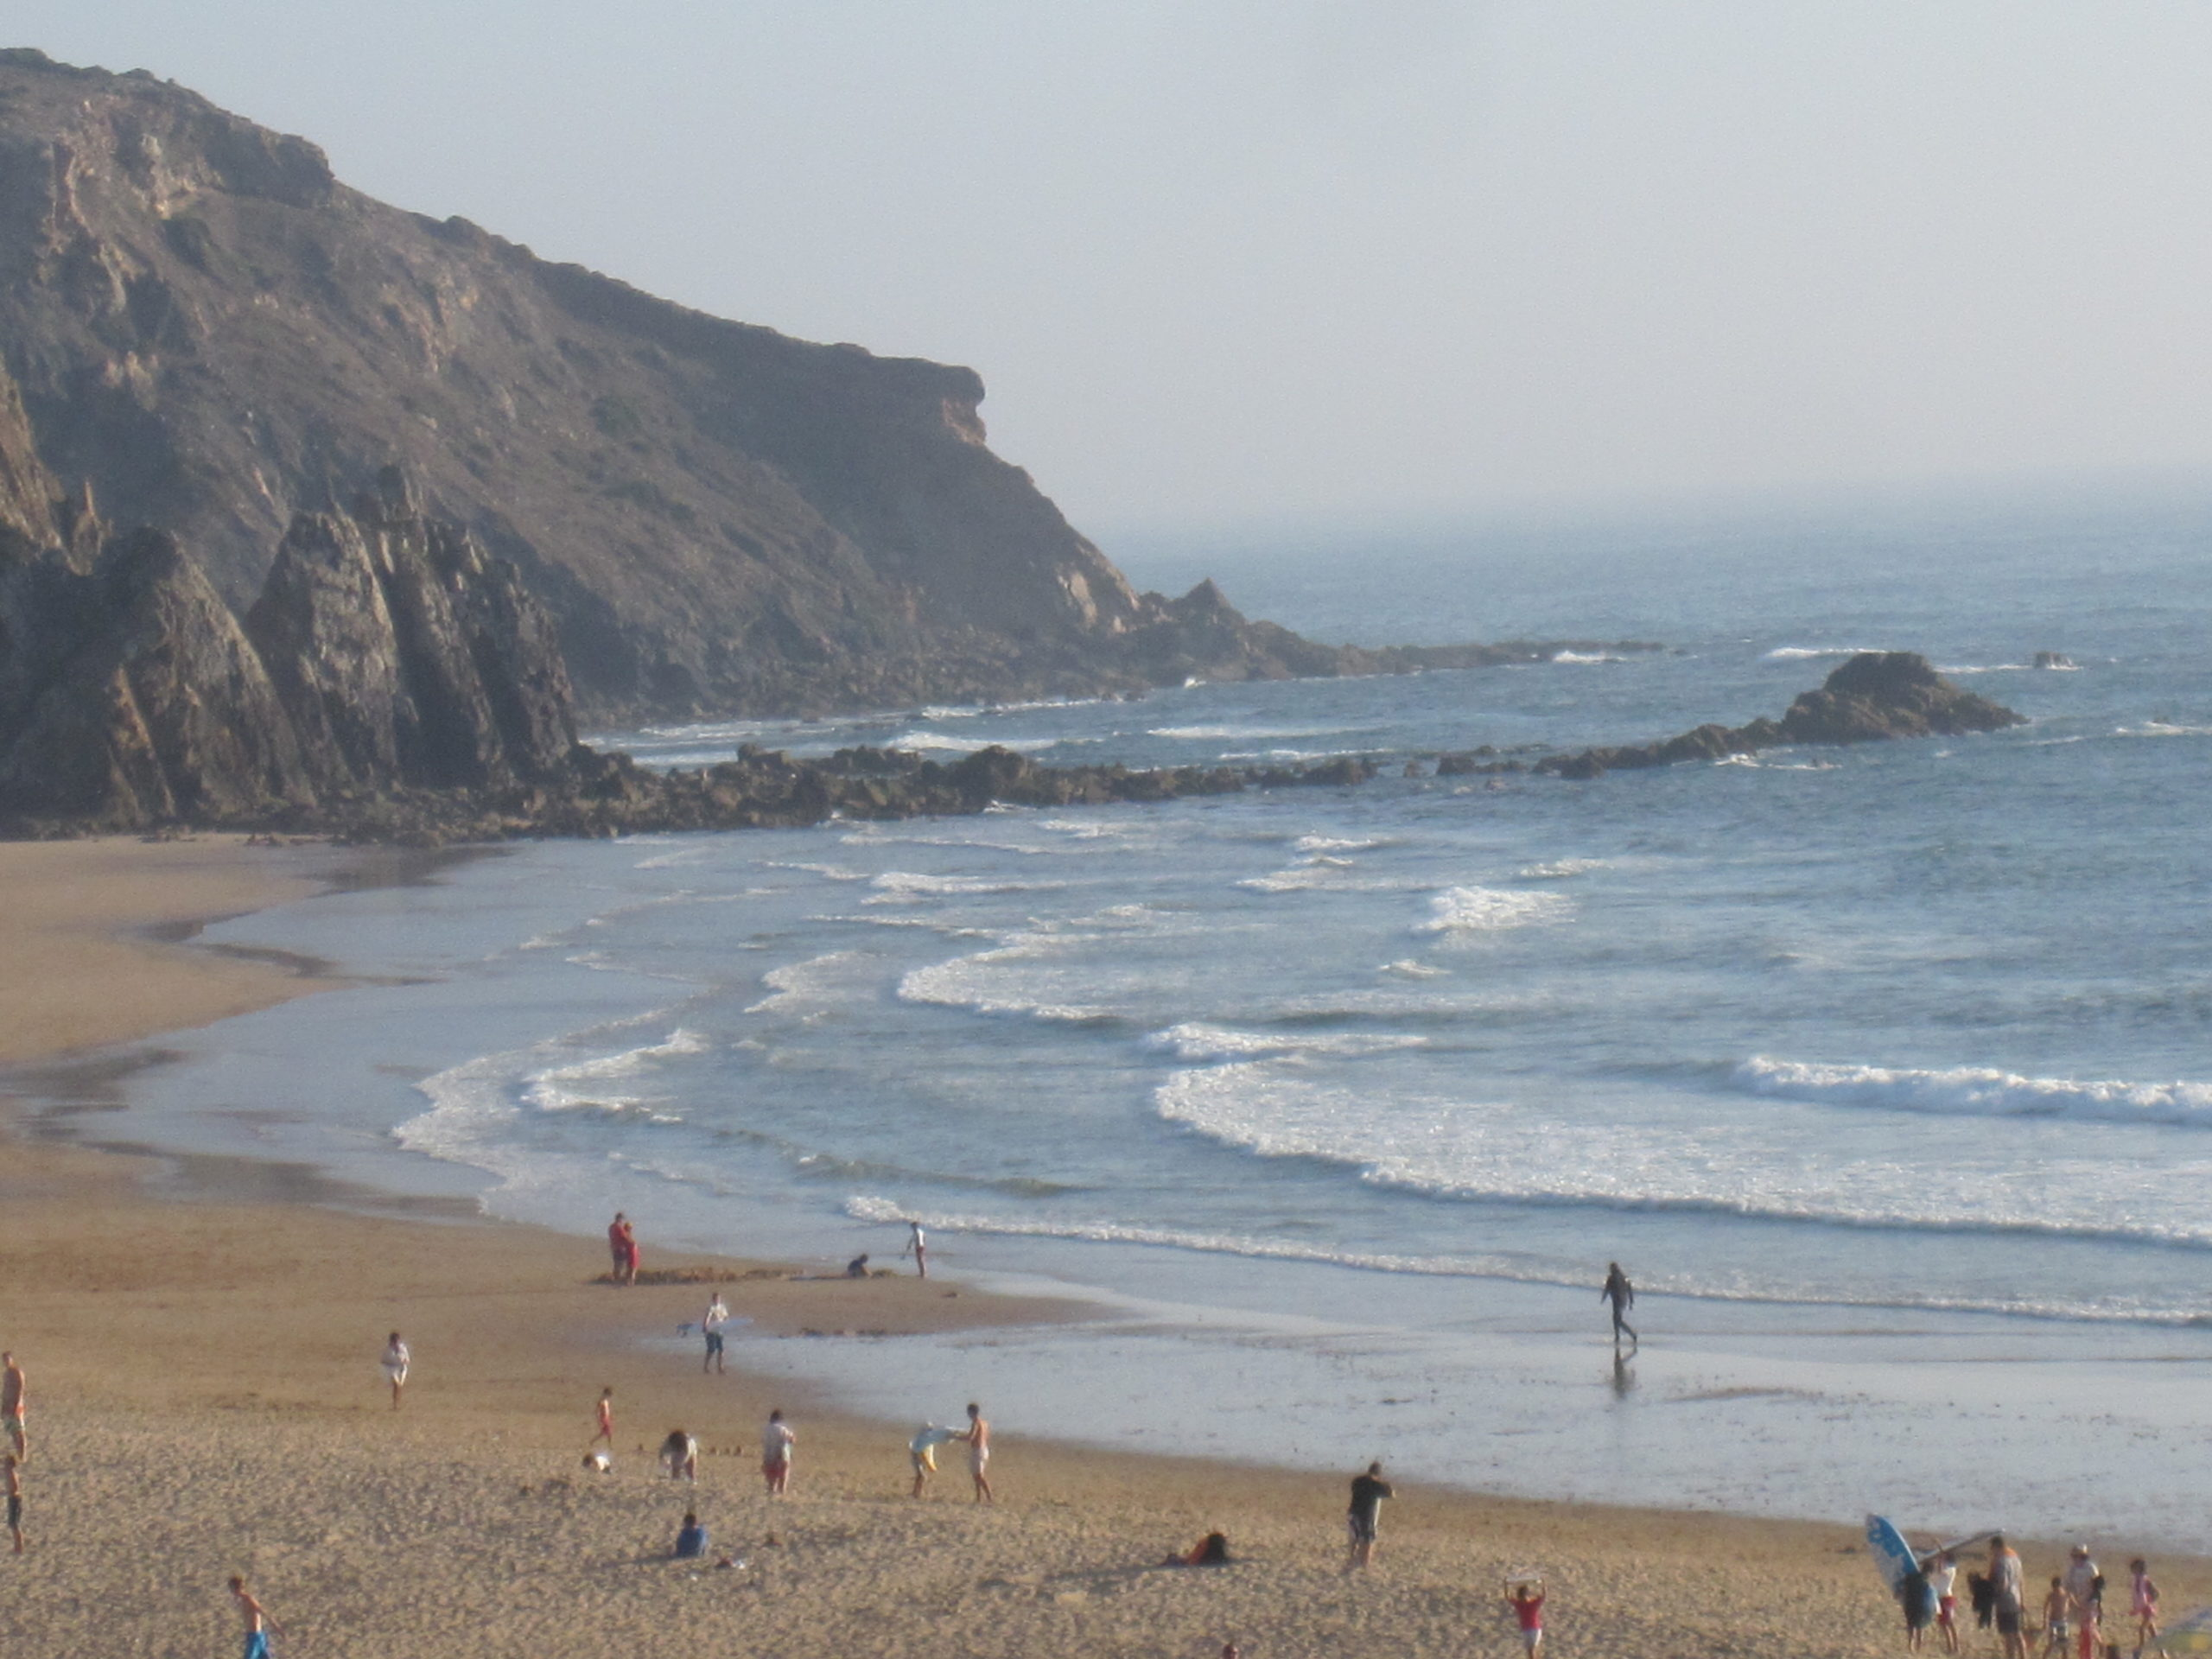 Praia do Amado – milovaná pláž